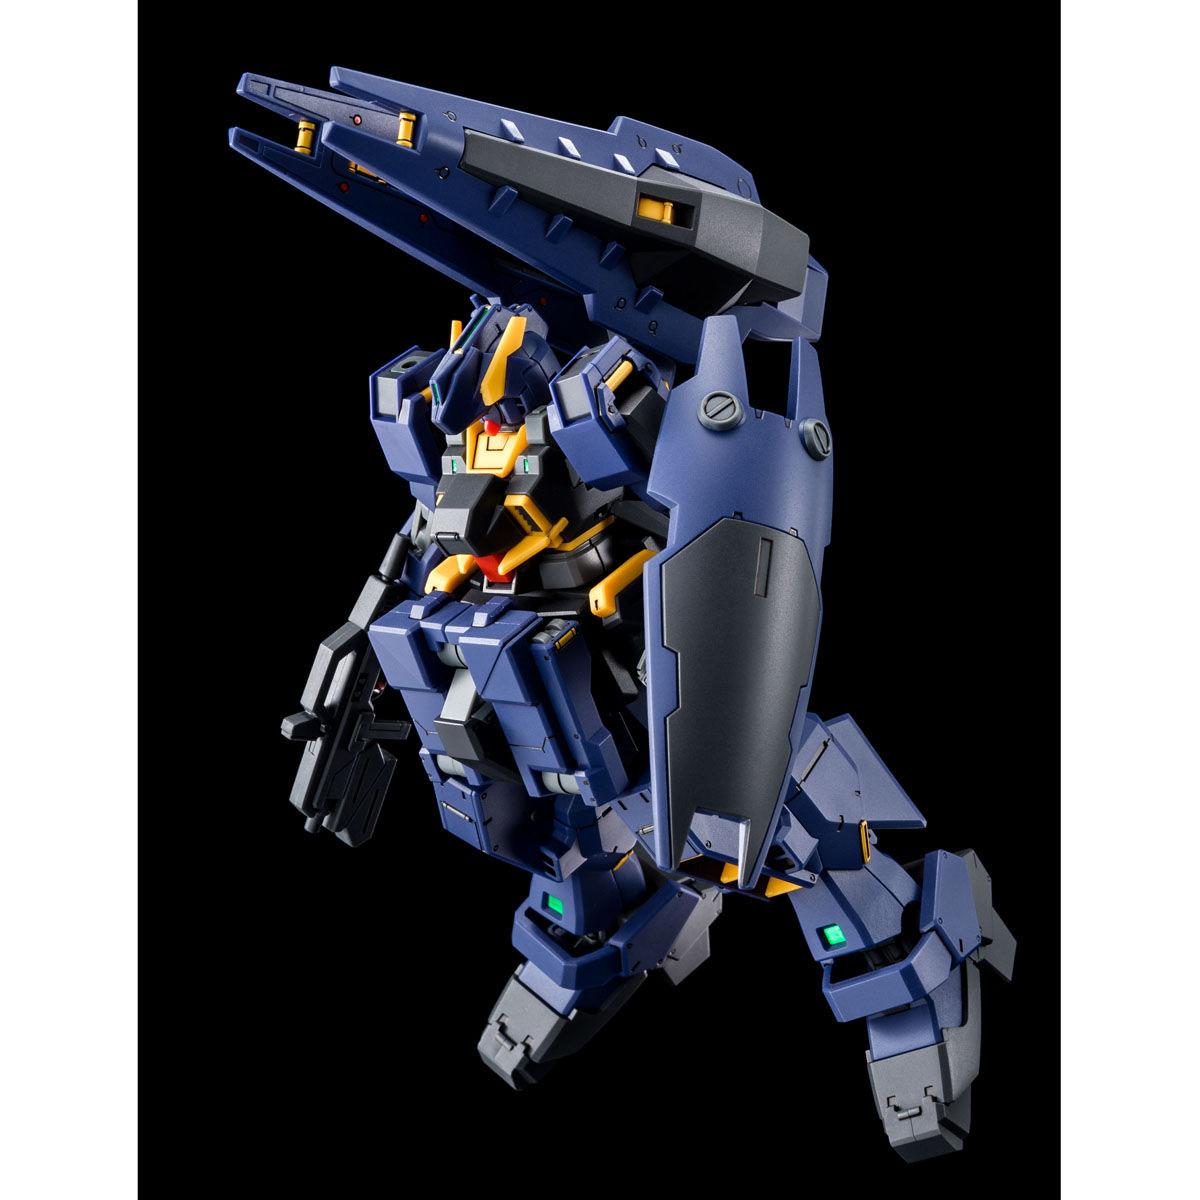 【限定販売】HG 1/144『ガンダムTR-1 次世代量産機(実戦配備カラー)』プラモデル-006